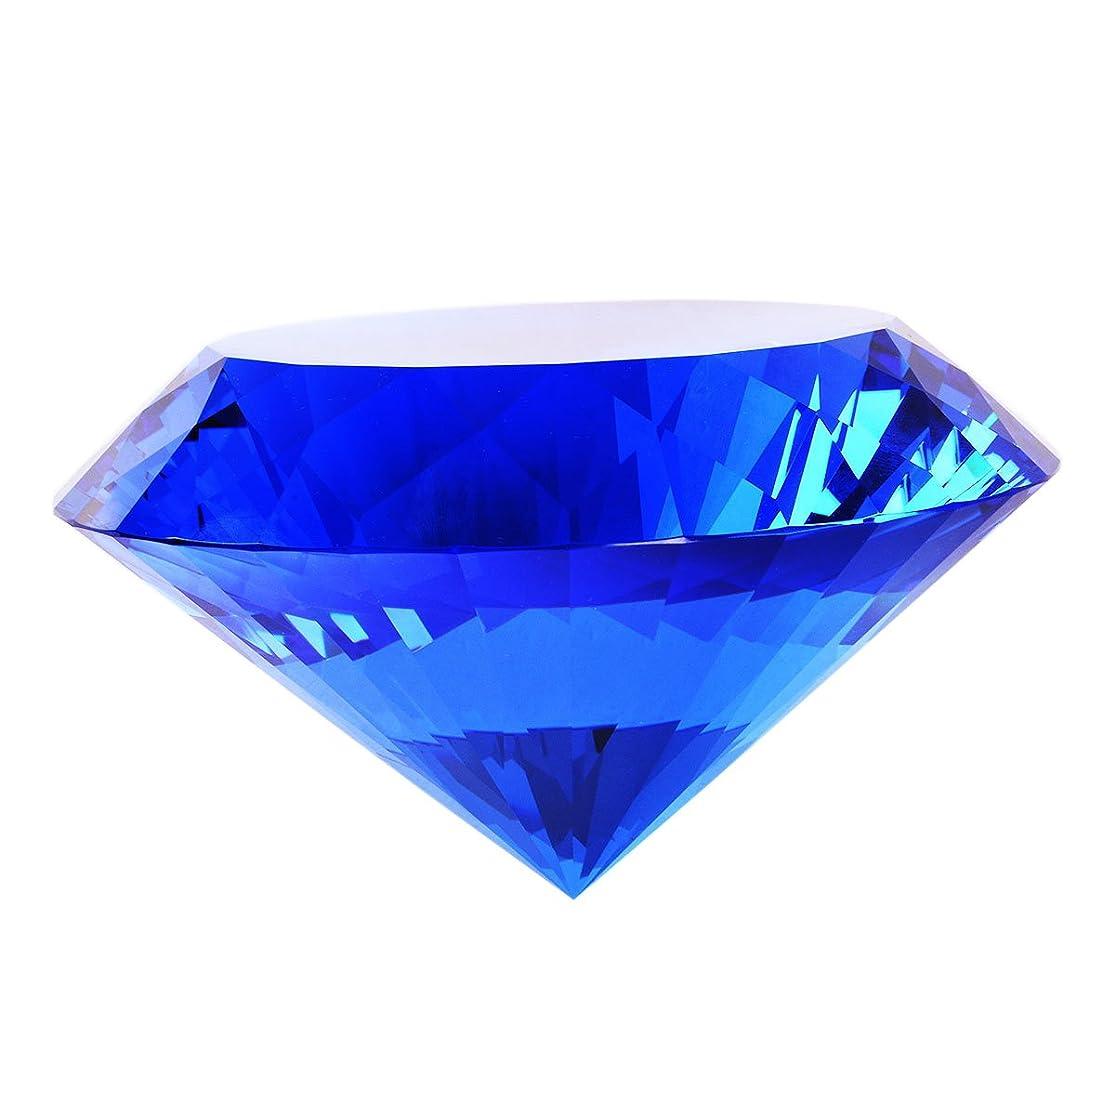 コンドーム一緒文明多色透明 水晶 ダイヤモンド 120mm ペーパーウェイト ガラス 文鎮 装飾品【ギフトボックス 】 (水色)